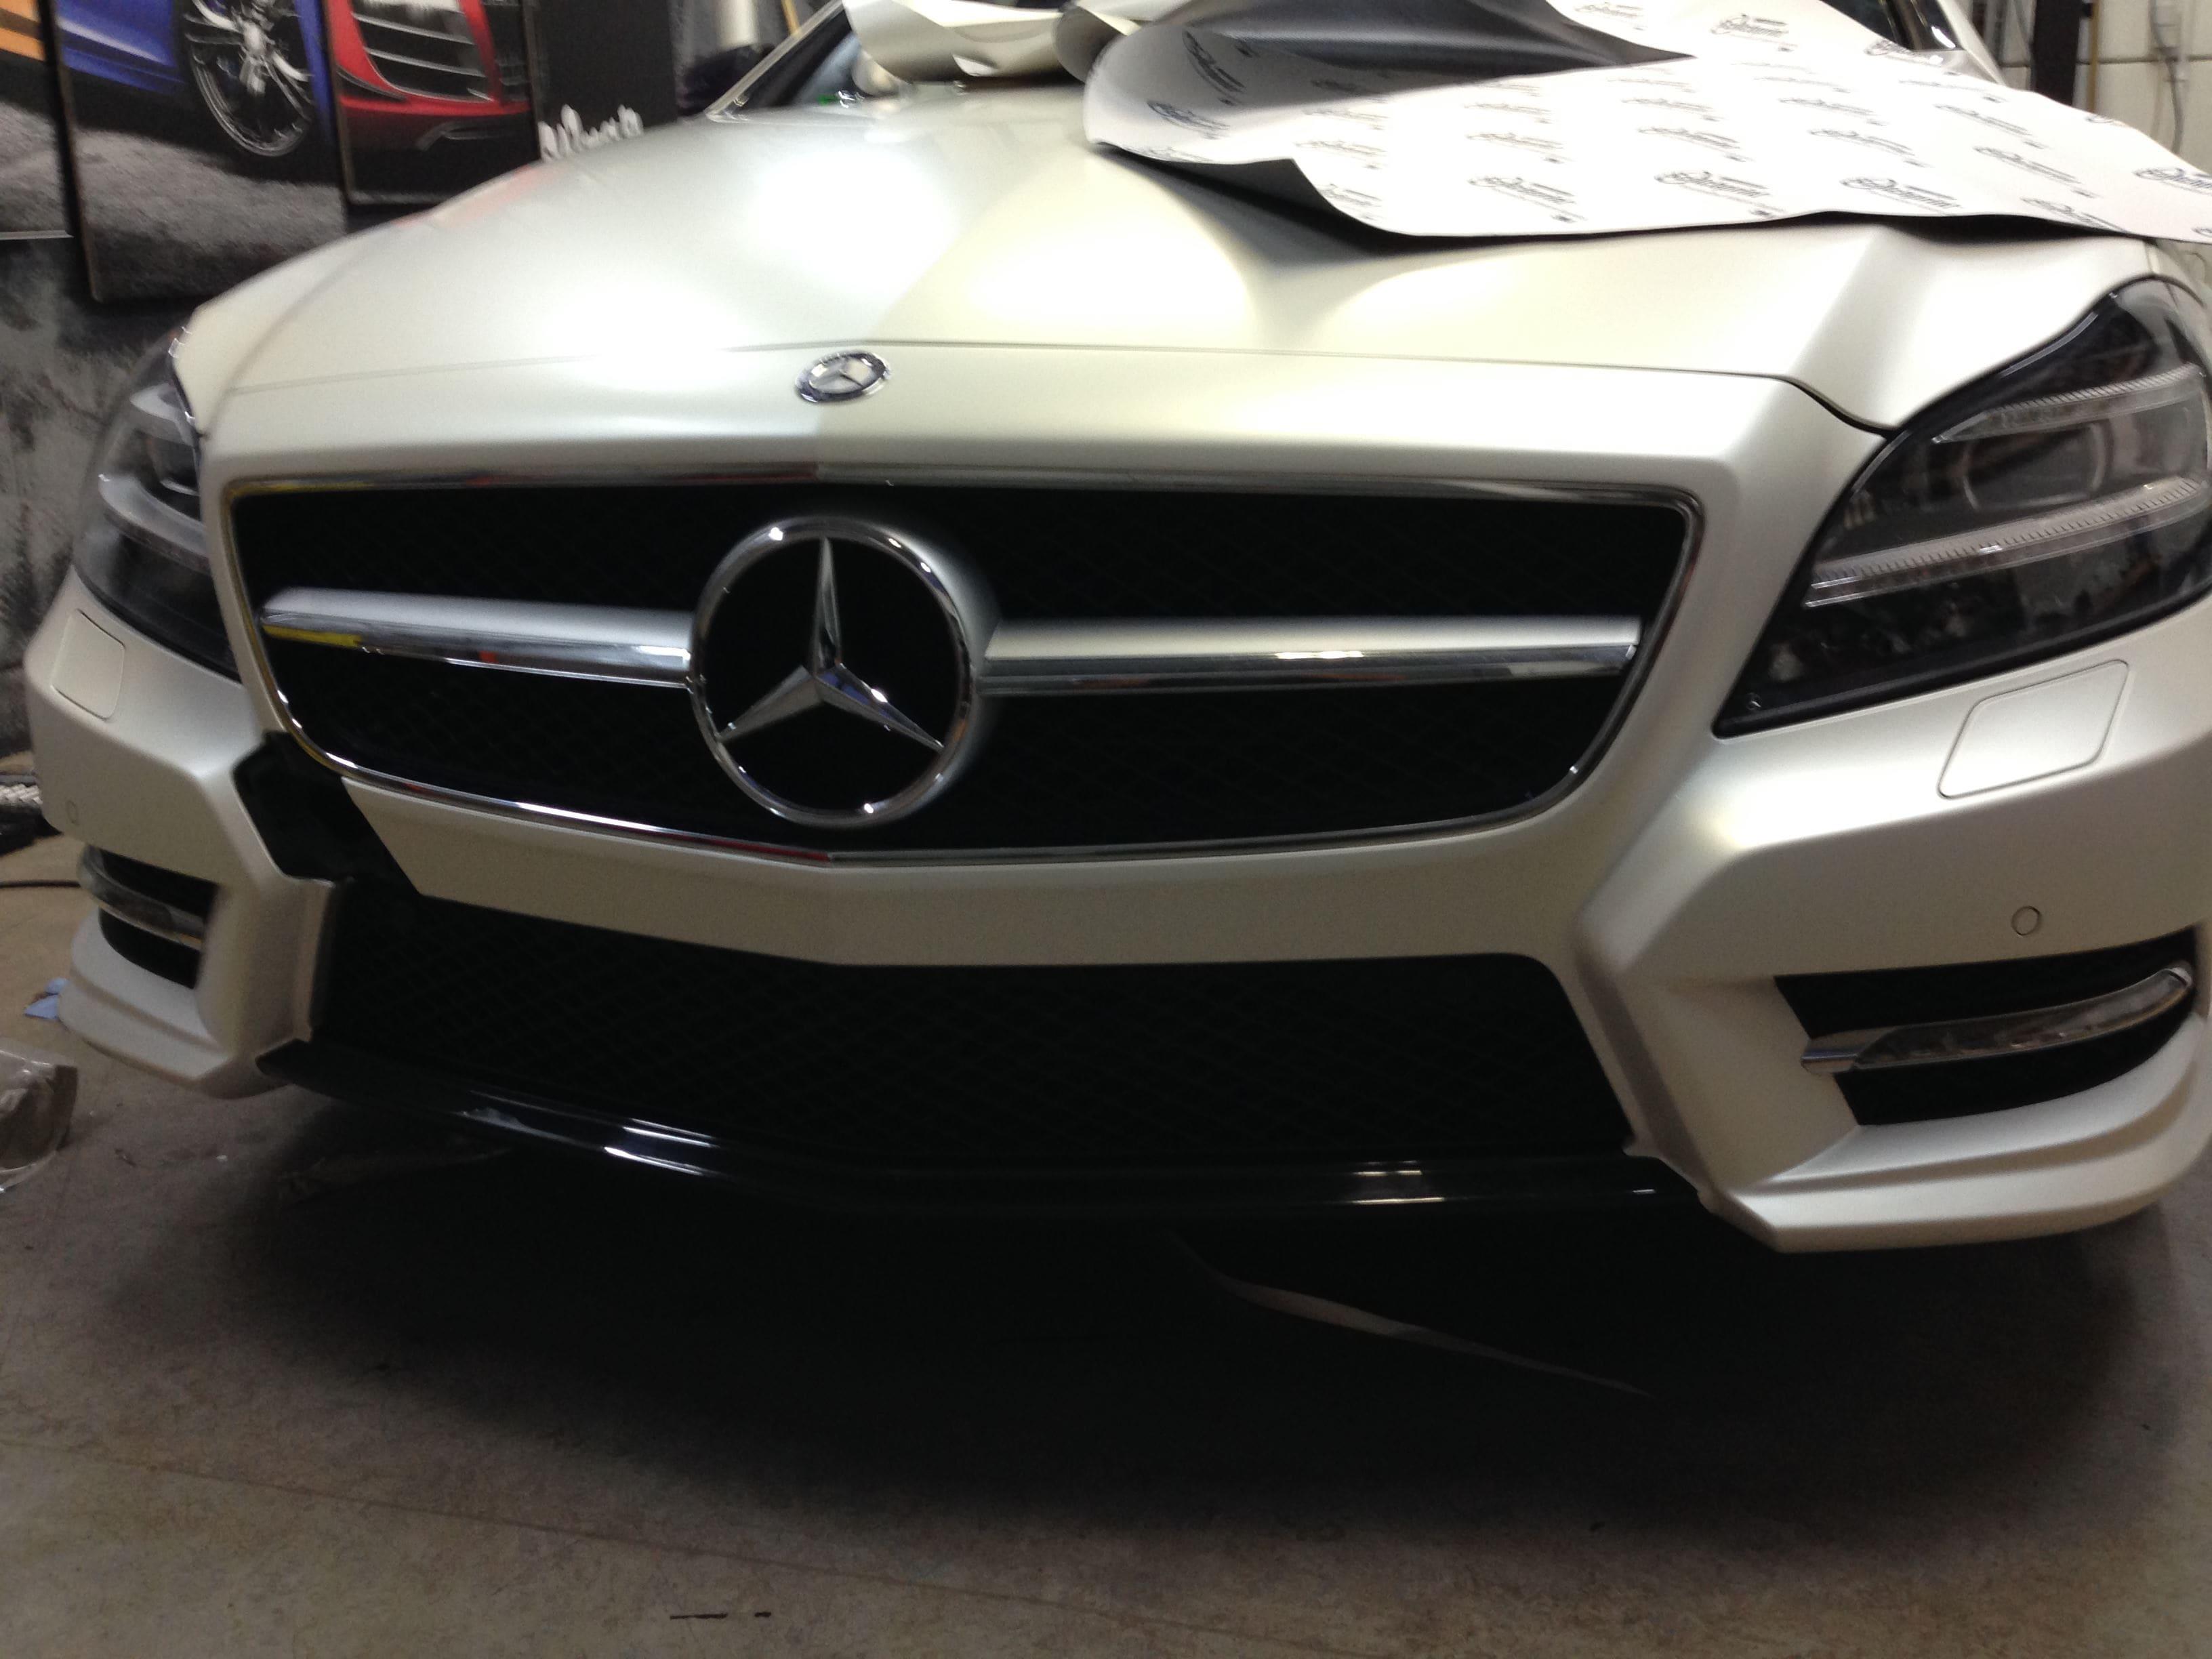 Mercedes CLS met White Satin Pearl Wrap, Carwrapping door Wrapmyride.nu Foto-nr:6186, ©2021